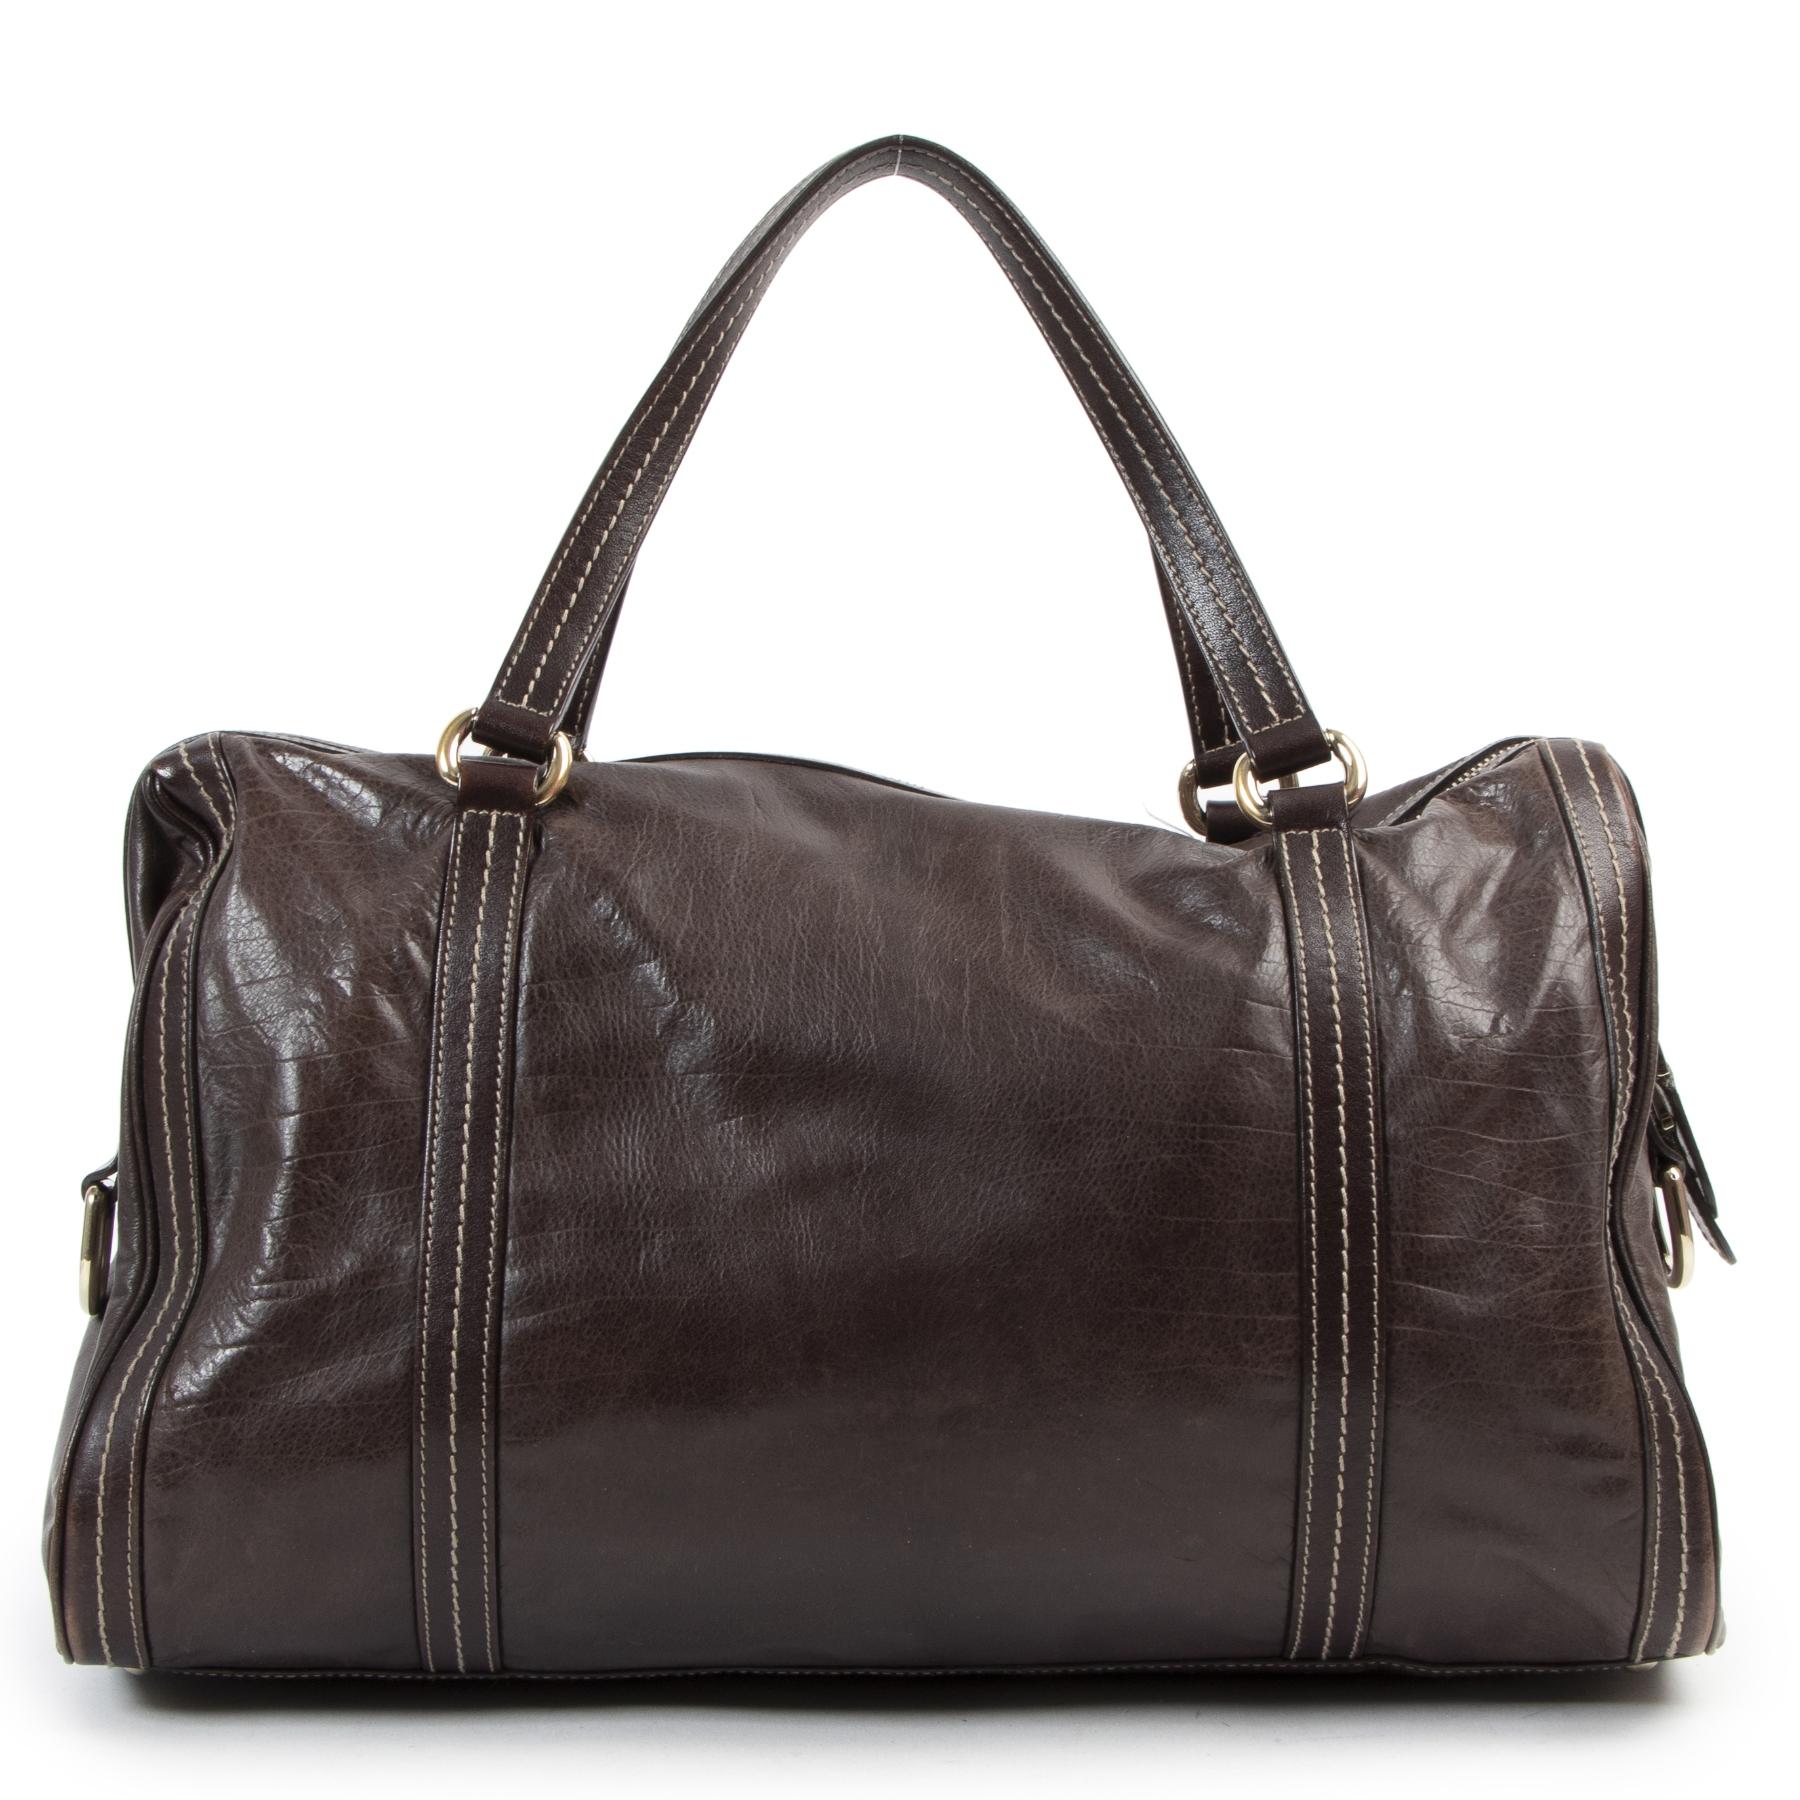 Authentieke Tweedehands Gucci Dark Brown Leather Duchessa Boston Bag juiste prijs veilig online shoppen luxe merken webshop winkelen Antwerpen België mode fashion